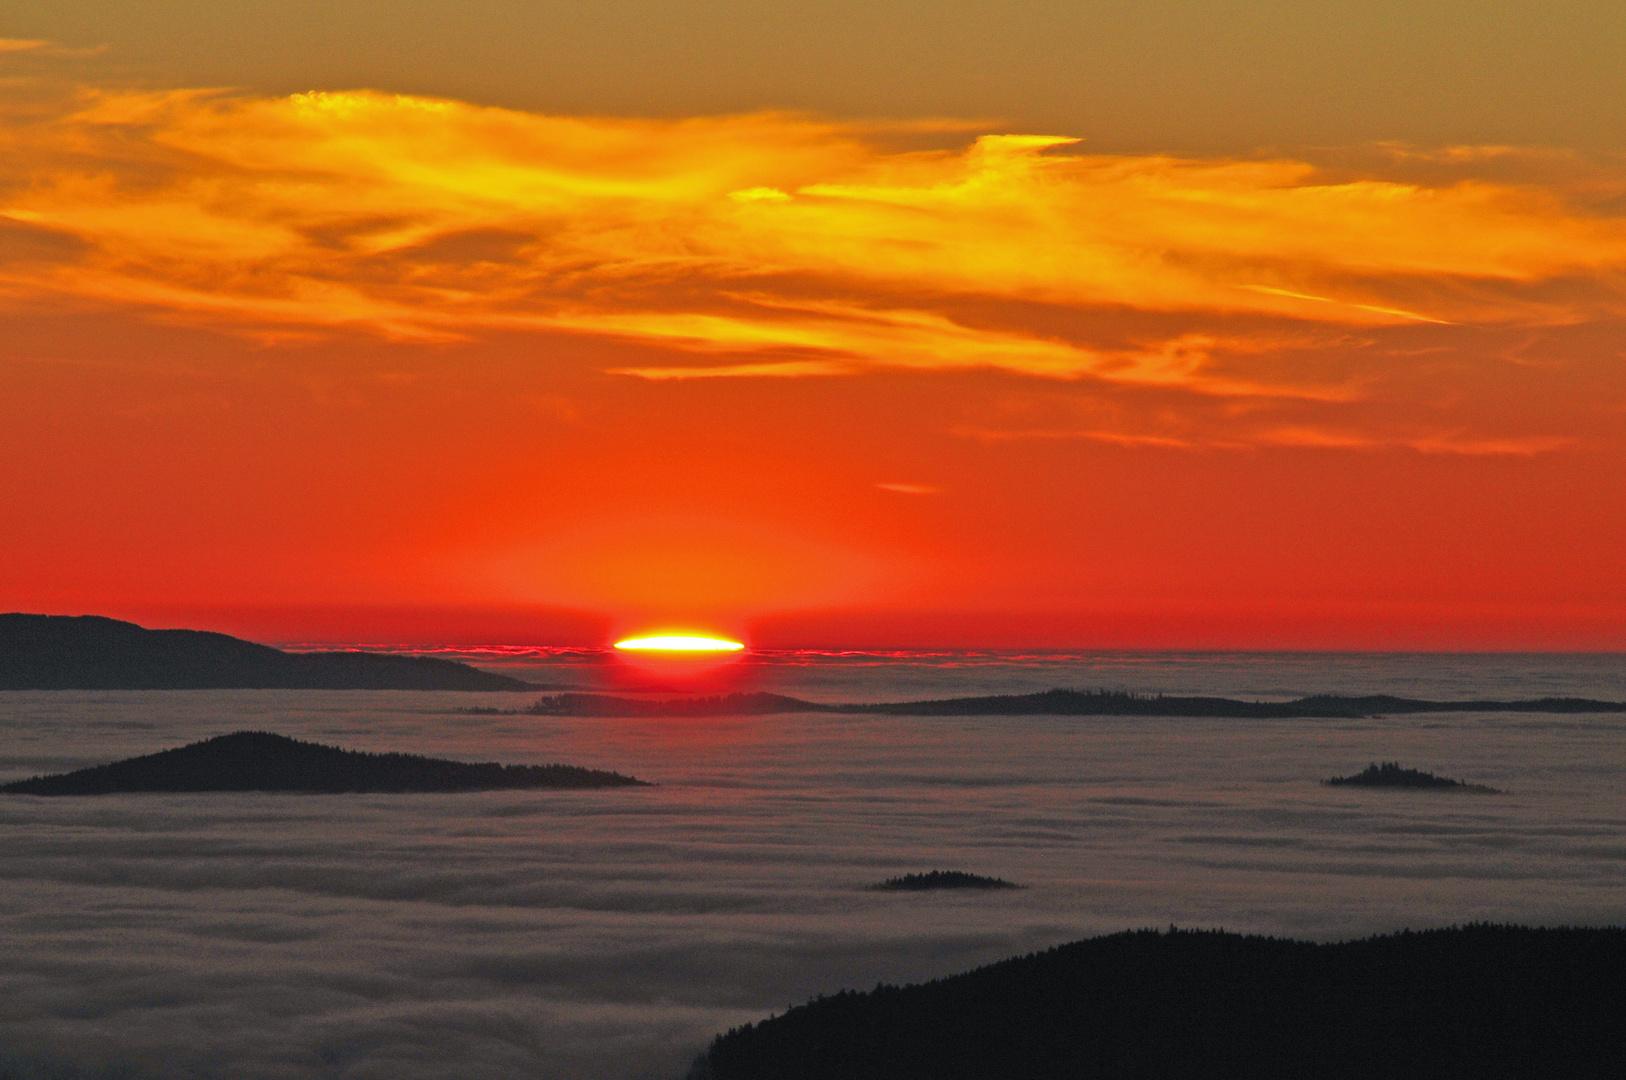 Sonnenaufgang auf dem Lusen - Bayerischer Wald